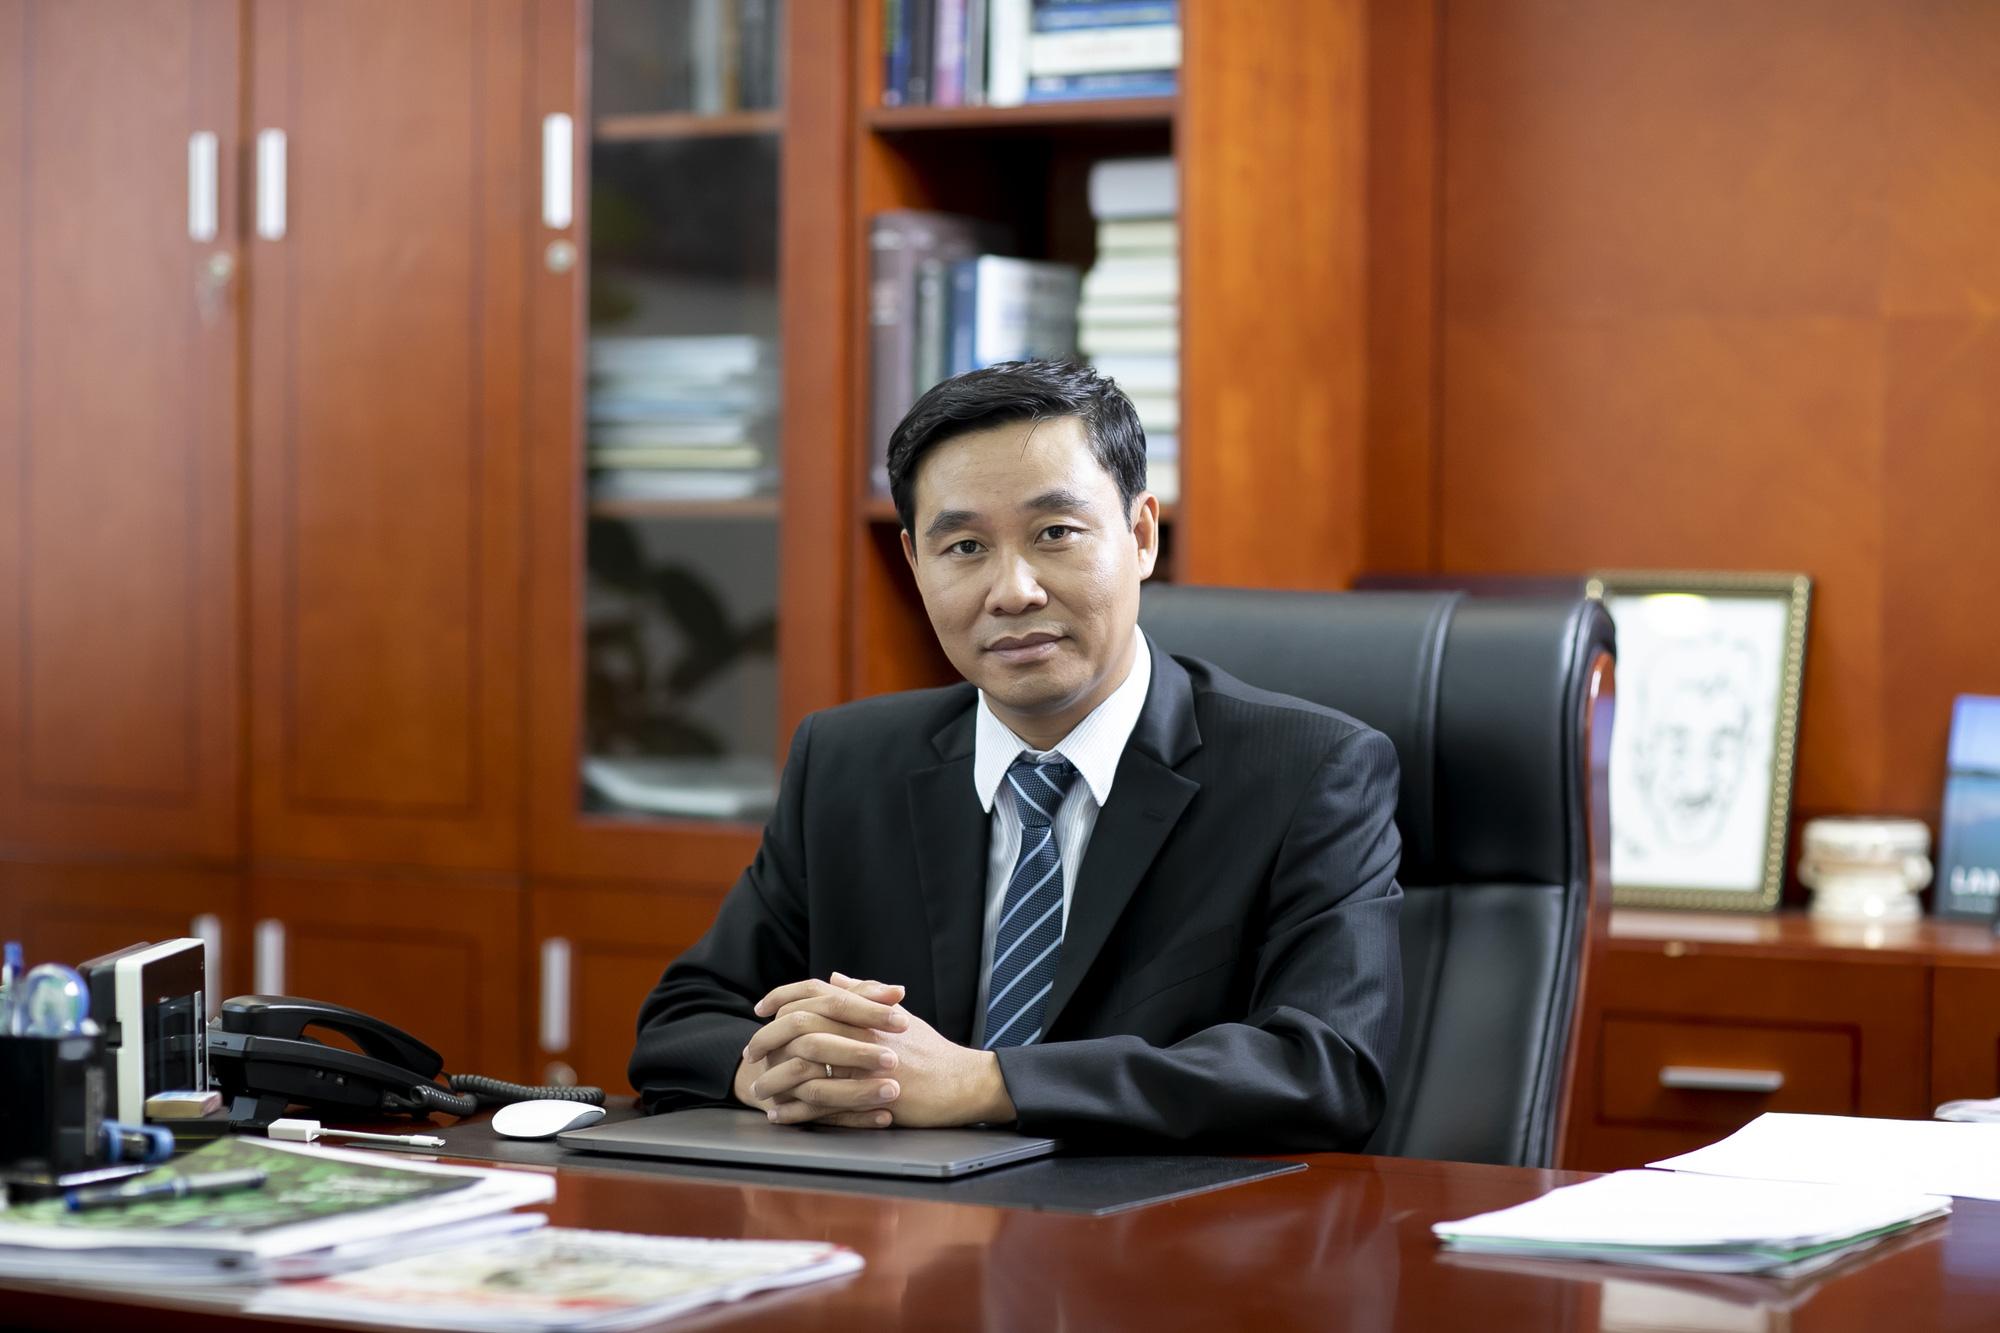 Phó giám đốc ĐHQGHN tiết lộ về đề thi đánh gia năng lực 2021 - Ảnh 1.